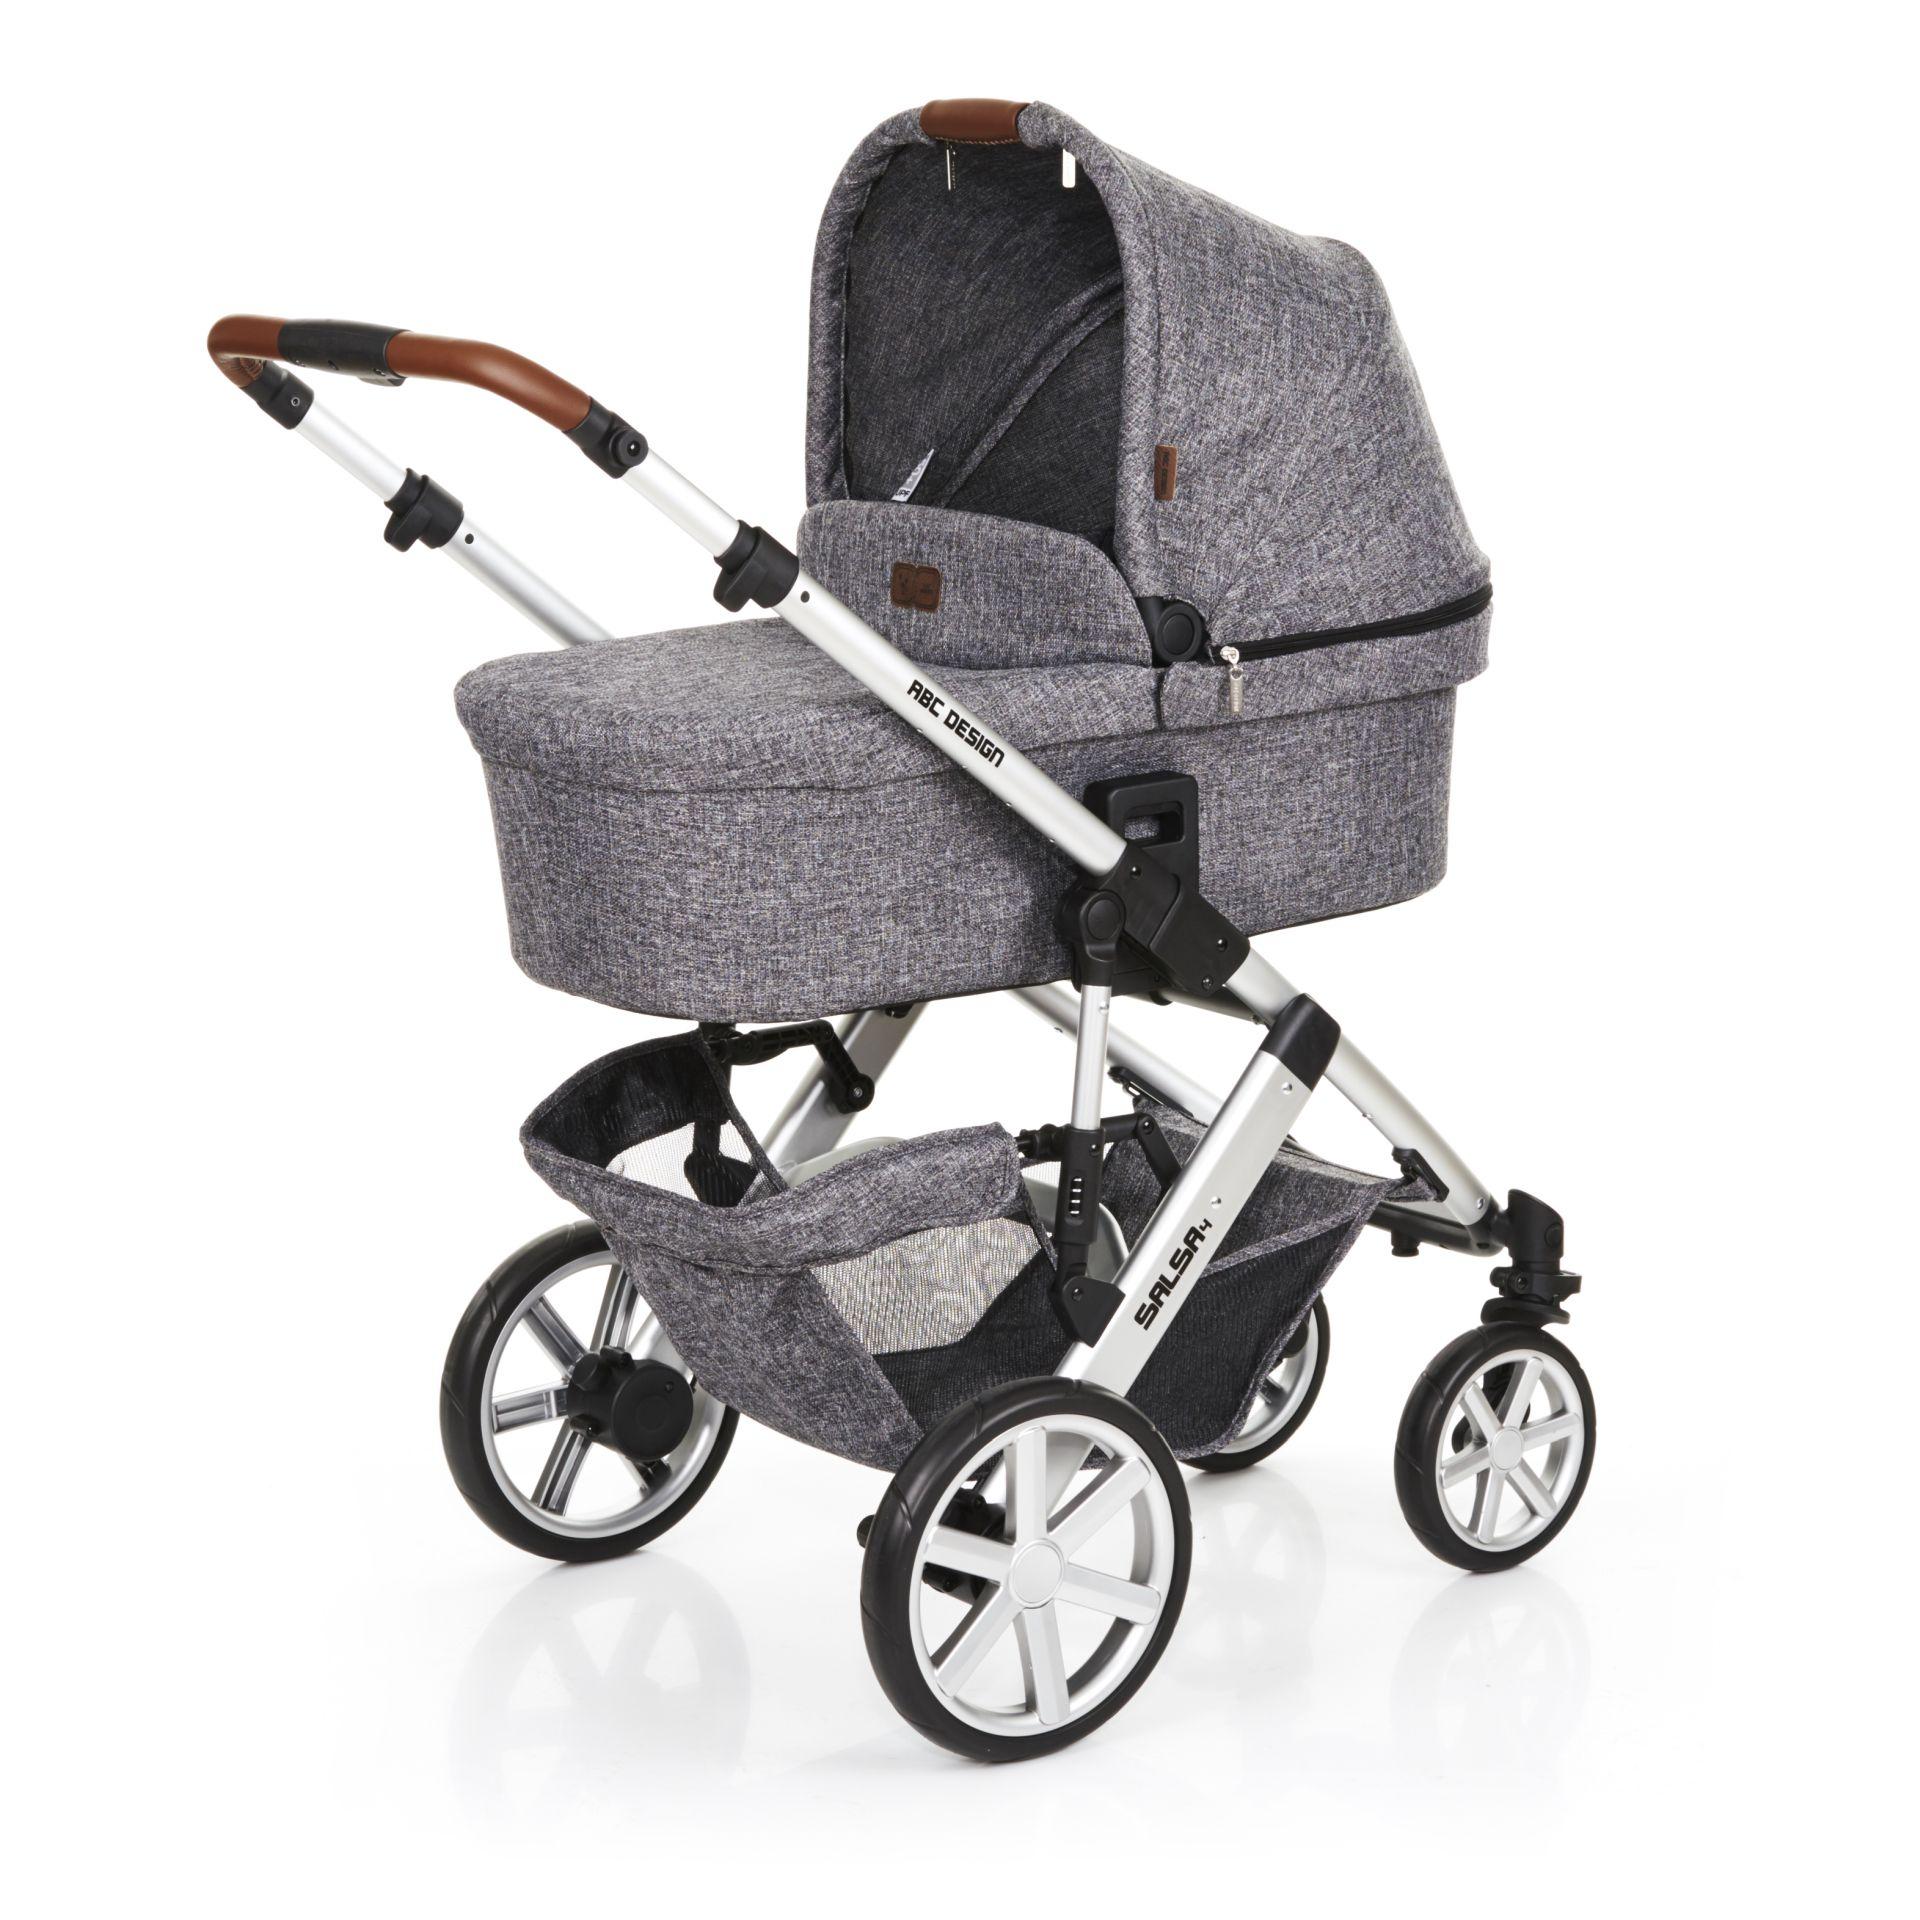 abc design multi functional stroller salsa 4 2018 race buy at kidsroom strollers. Black Bedroom Furniture Sets. Home Design Ideas